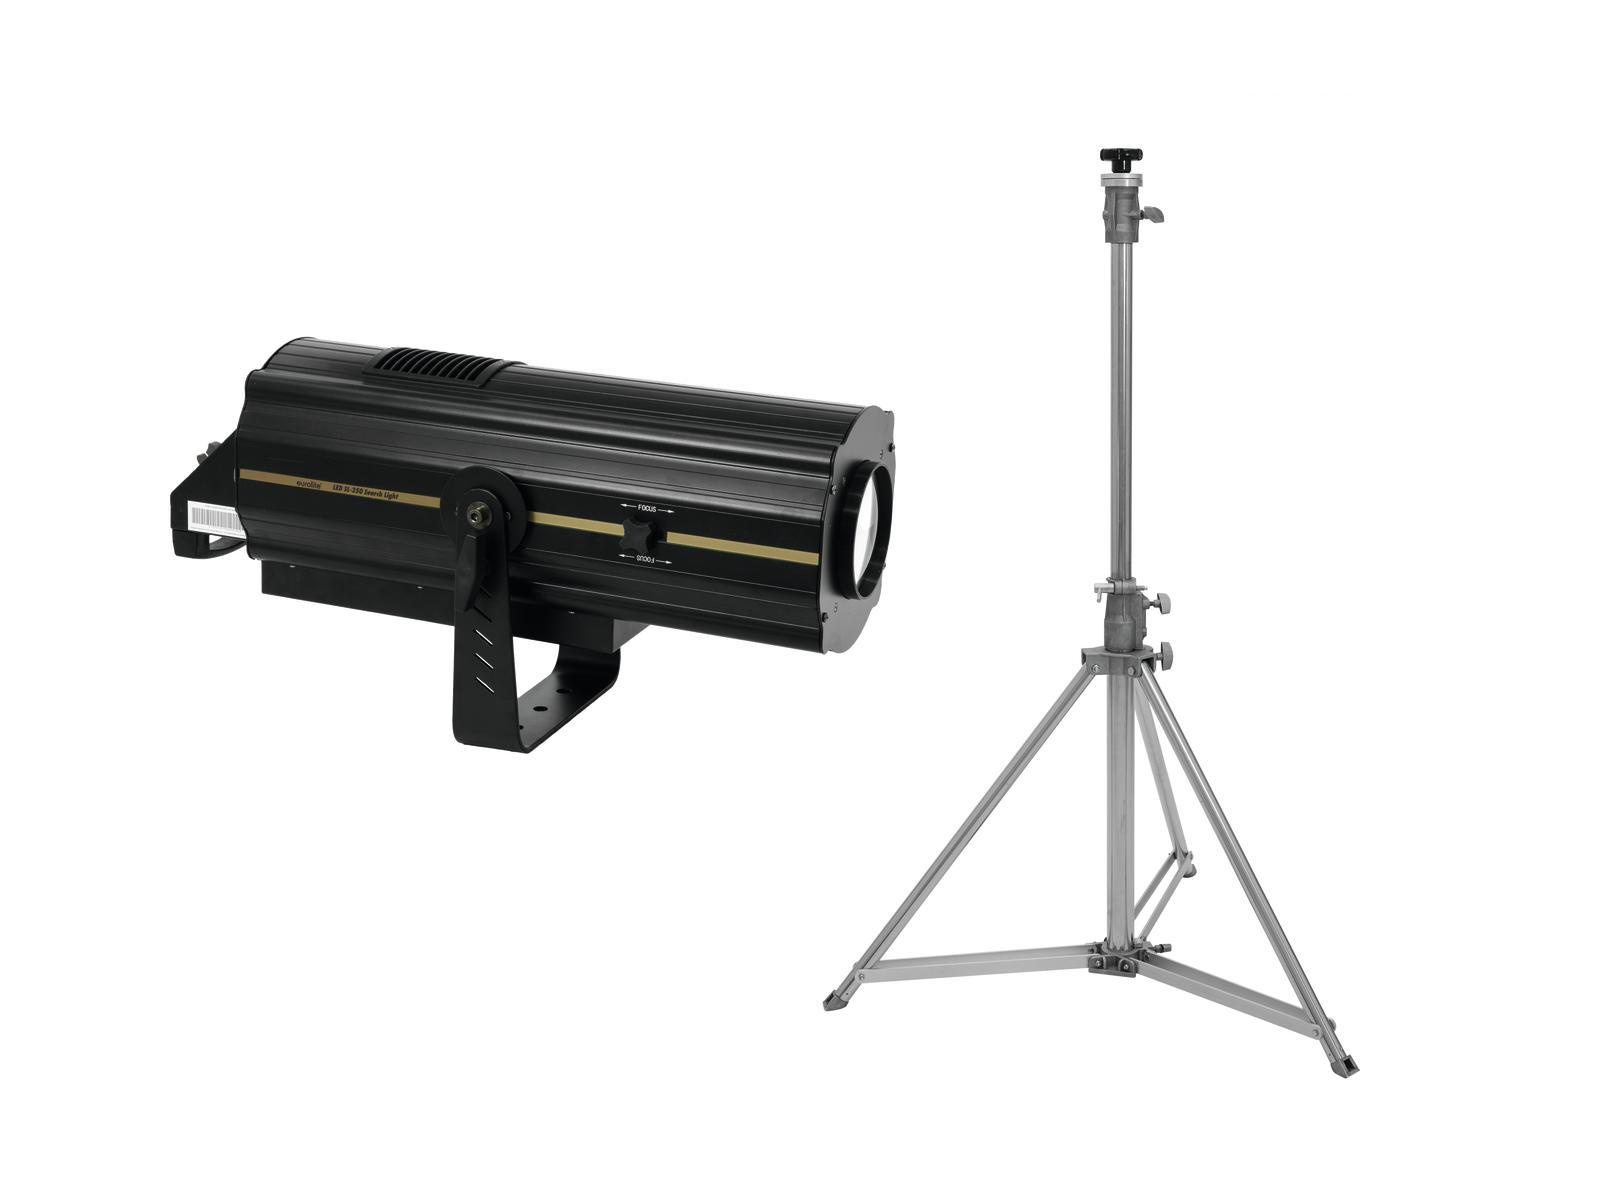 EUROLITE Set LED SL-350 Search Light + STV-200 Verfolgerstativ, Edelstahl